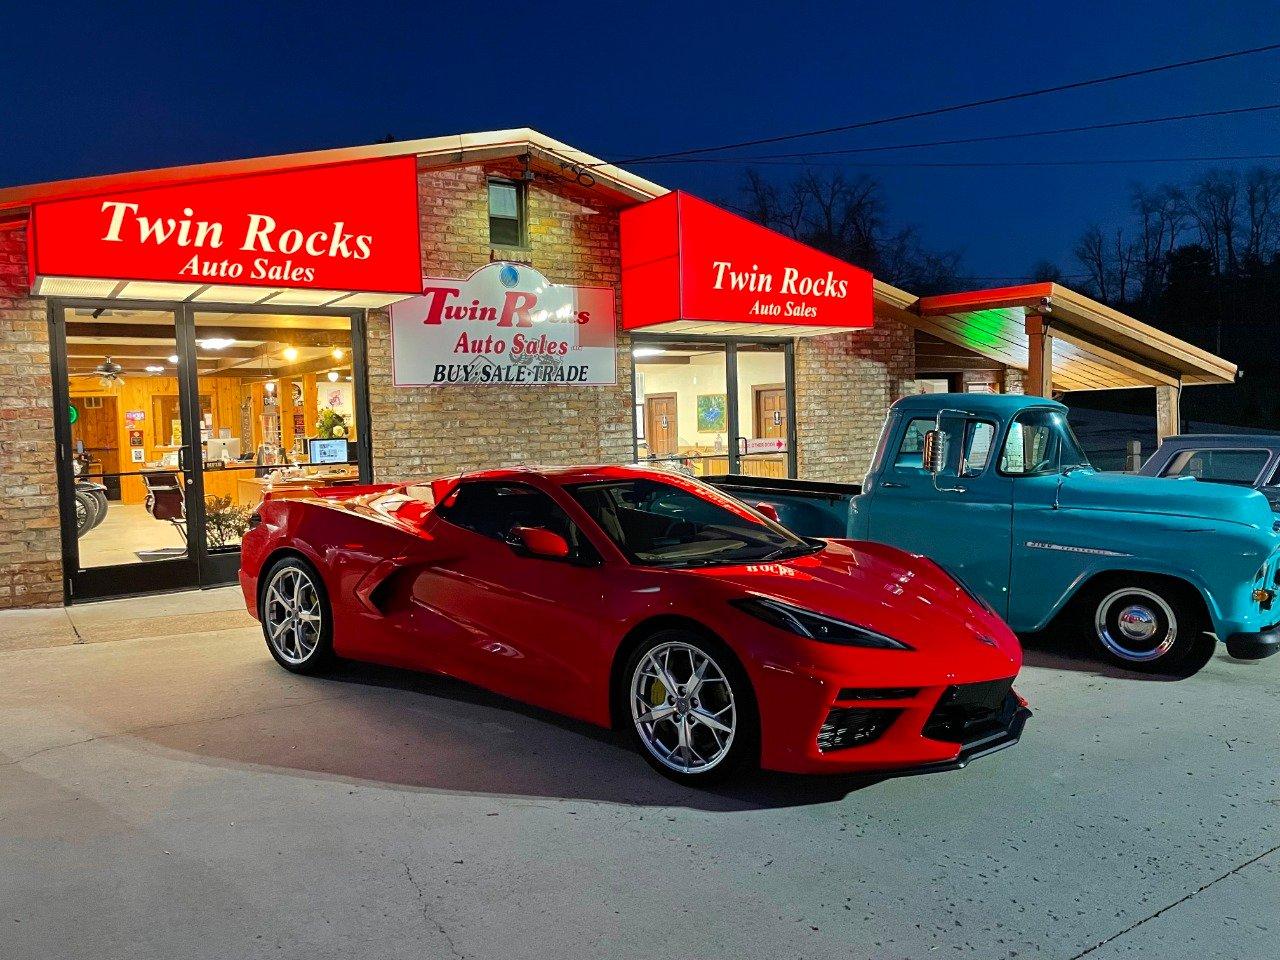 Twin Rocks Auto Sales LLC